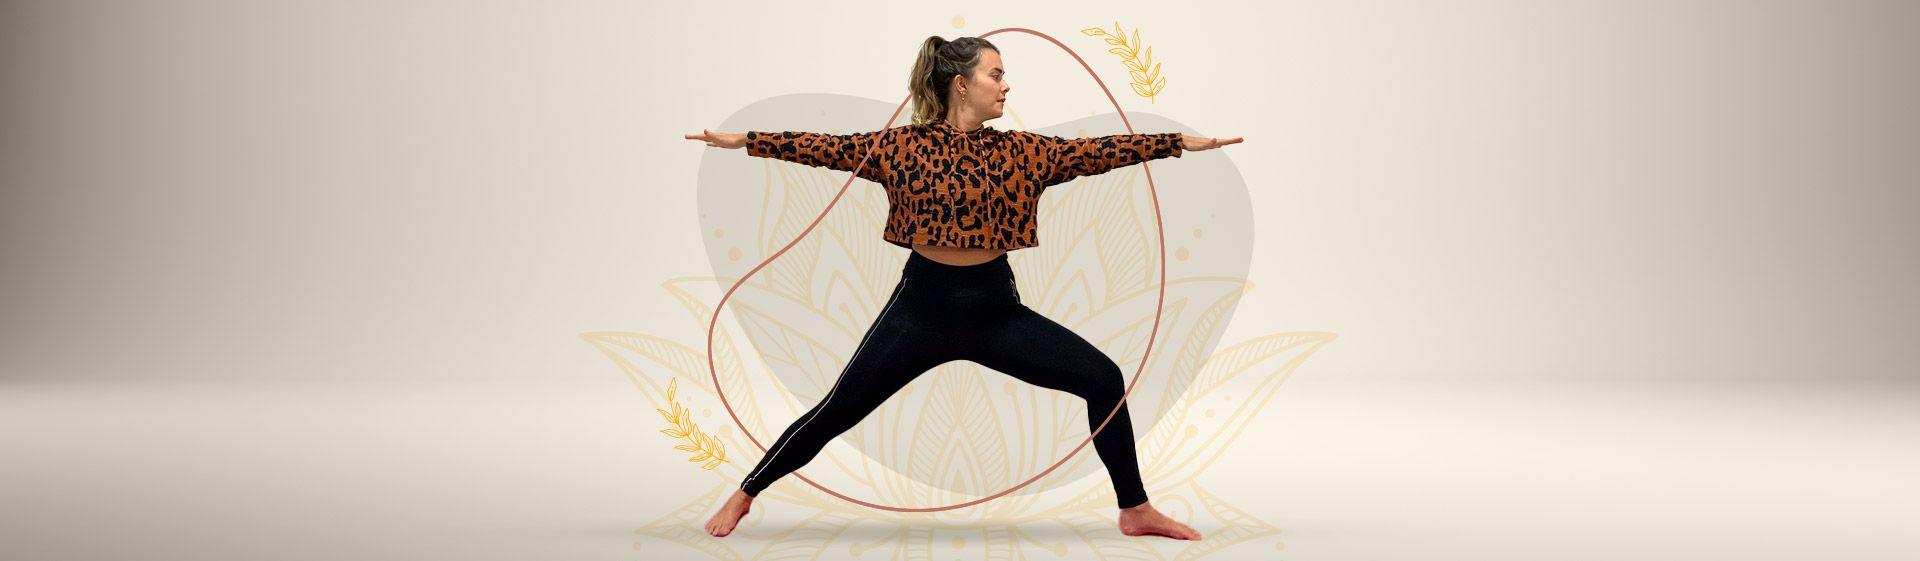 4 posições de yoga para começar a prática em casa